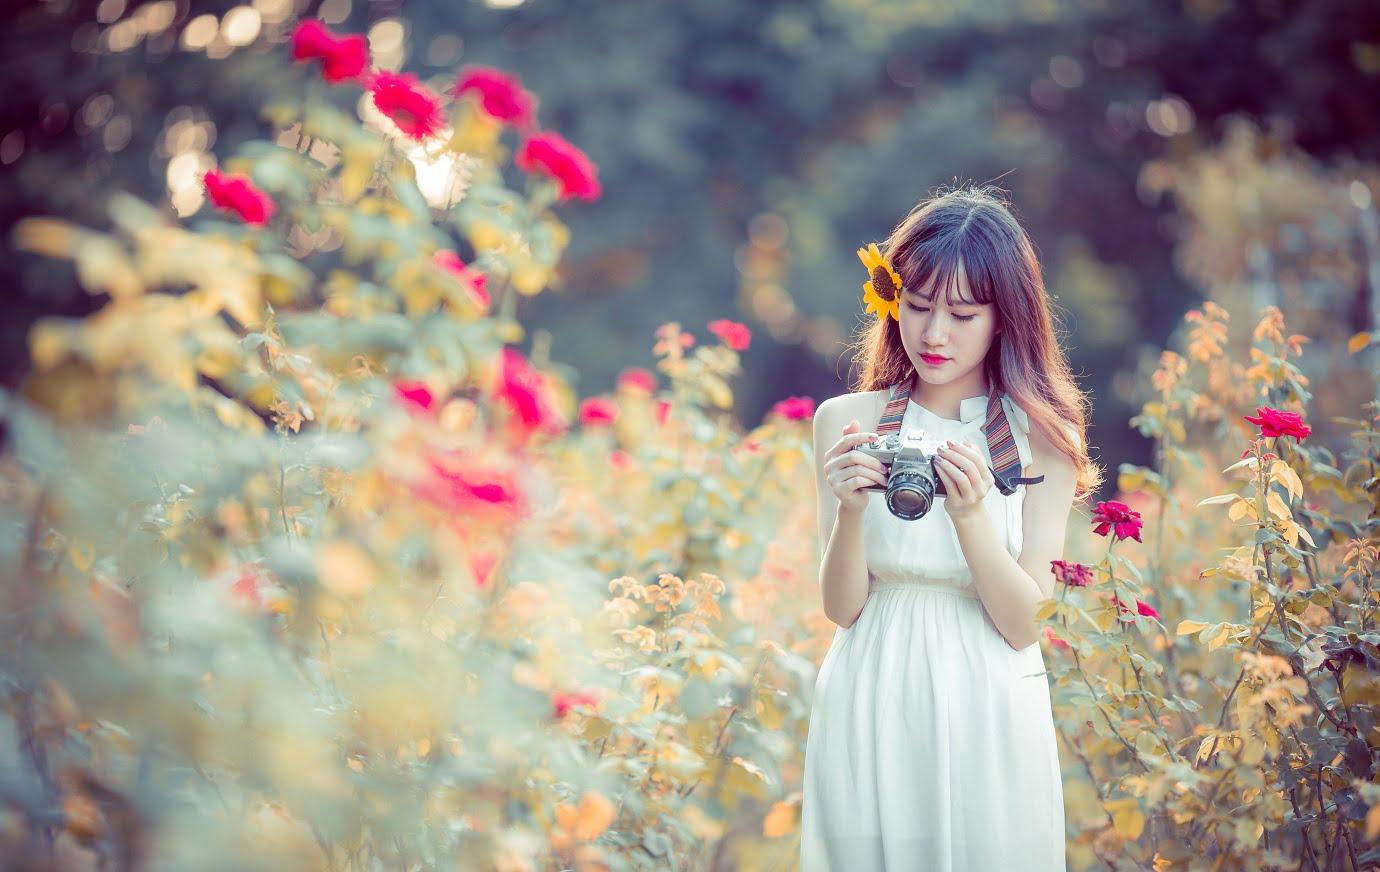 anh chup hoa hong 1 - [Br-Art] Cô bé bên vườn hoa hồng nhỏ